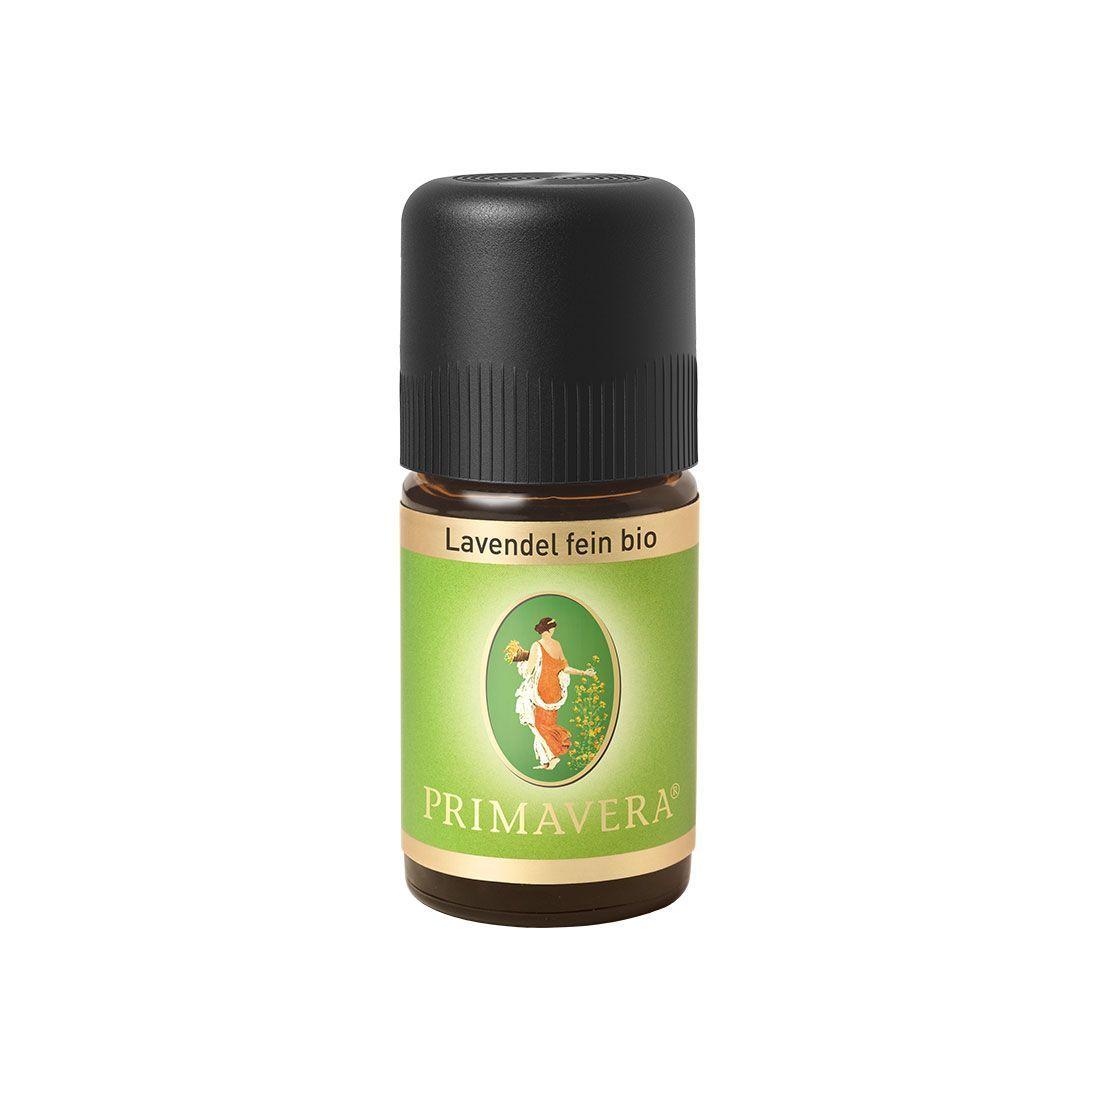 Lavendel fein bio von Primavera: Super zum Beruhigen vor einer Präsentation. Ich bin ein richtiger Nasenmensch und liebe ätherische Öle. Lavendelöl ist ein natürlicher Helfer gegen innere Unruhe und Stress und sogar ein zugelassenes Arzneimittel. Es gibt Studien, die zeigen, dass Lavendelöl bei innerer Unruhe und Einschlafstörungen helfen kann.